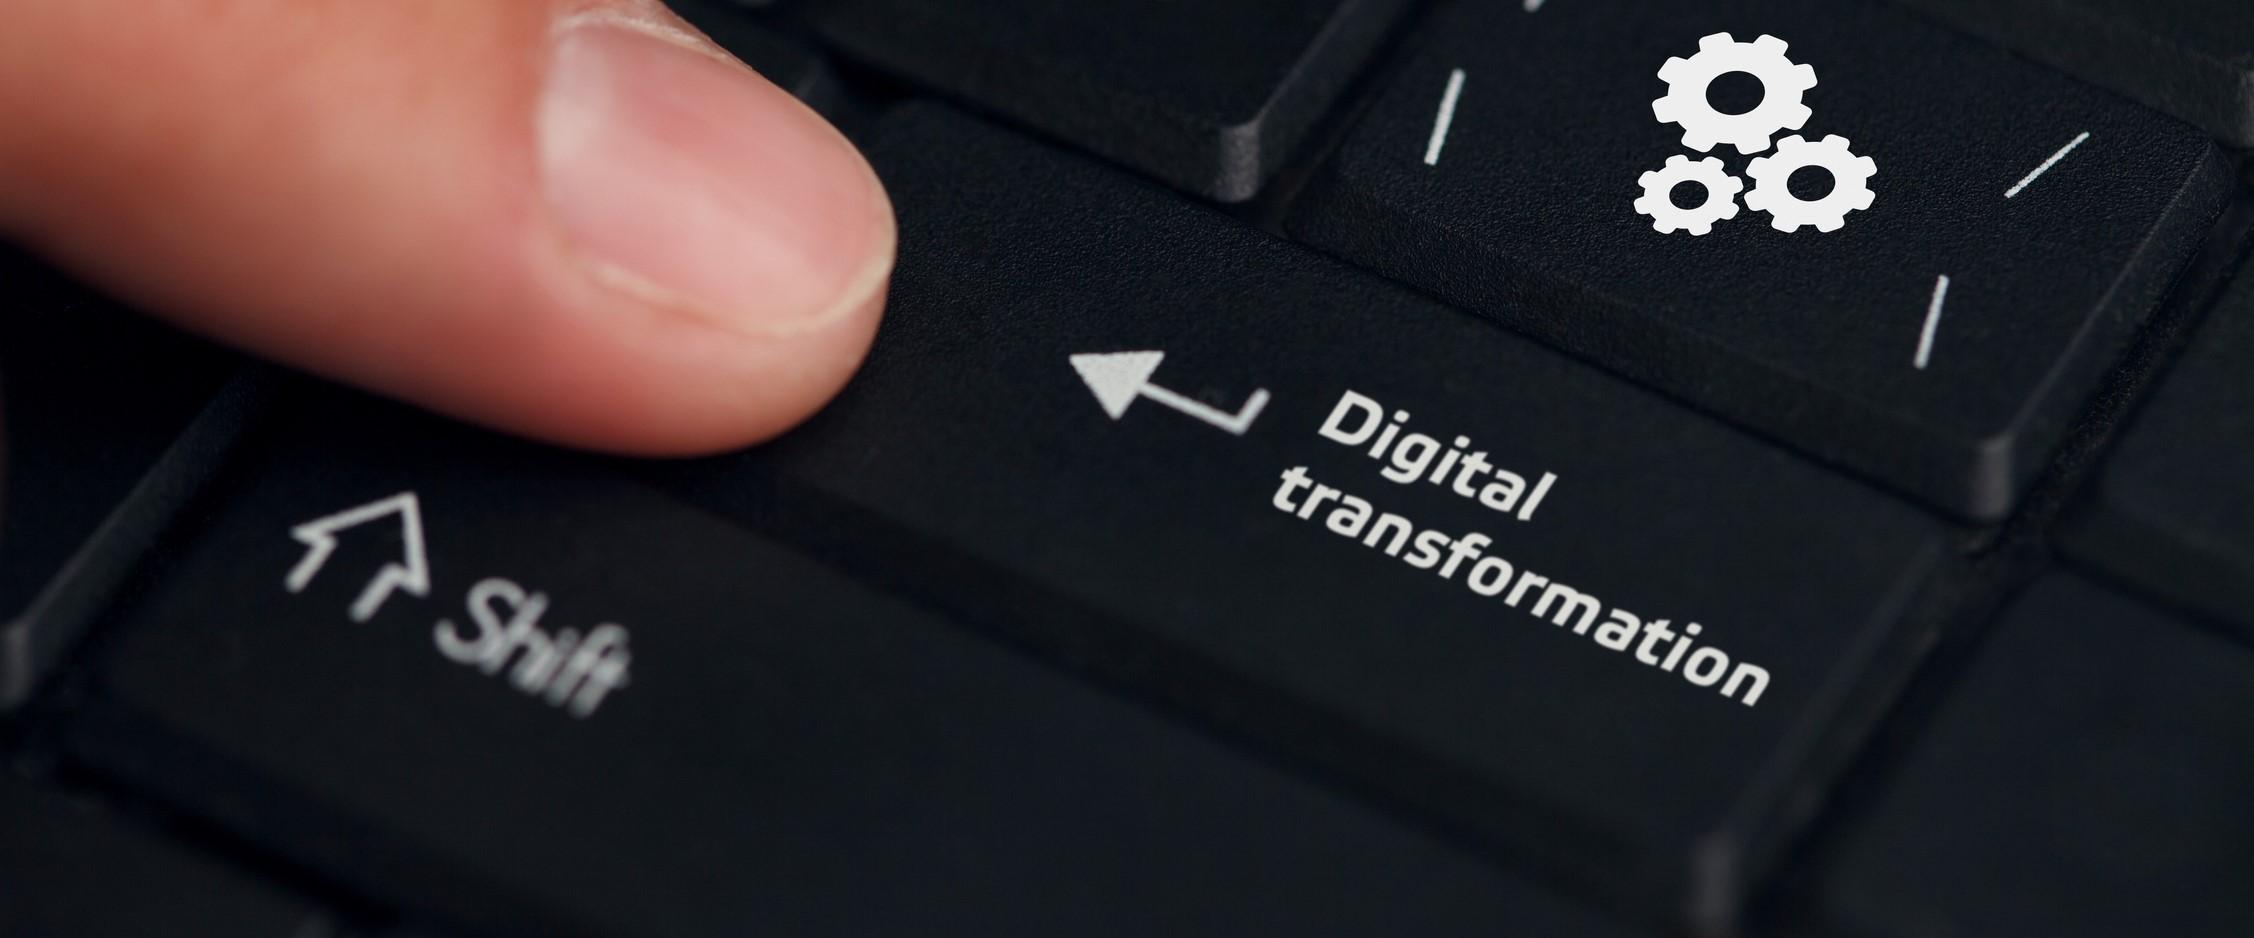 SME_Digital_Transformation_Asite